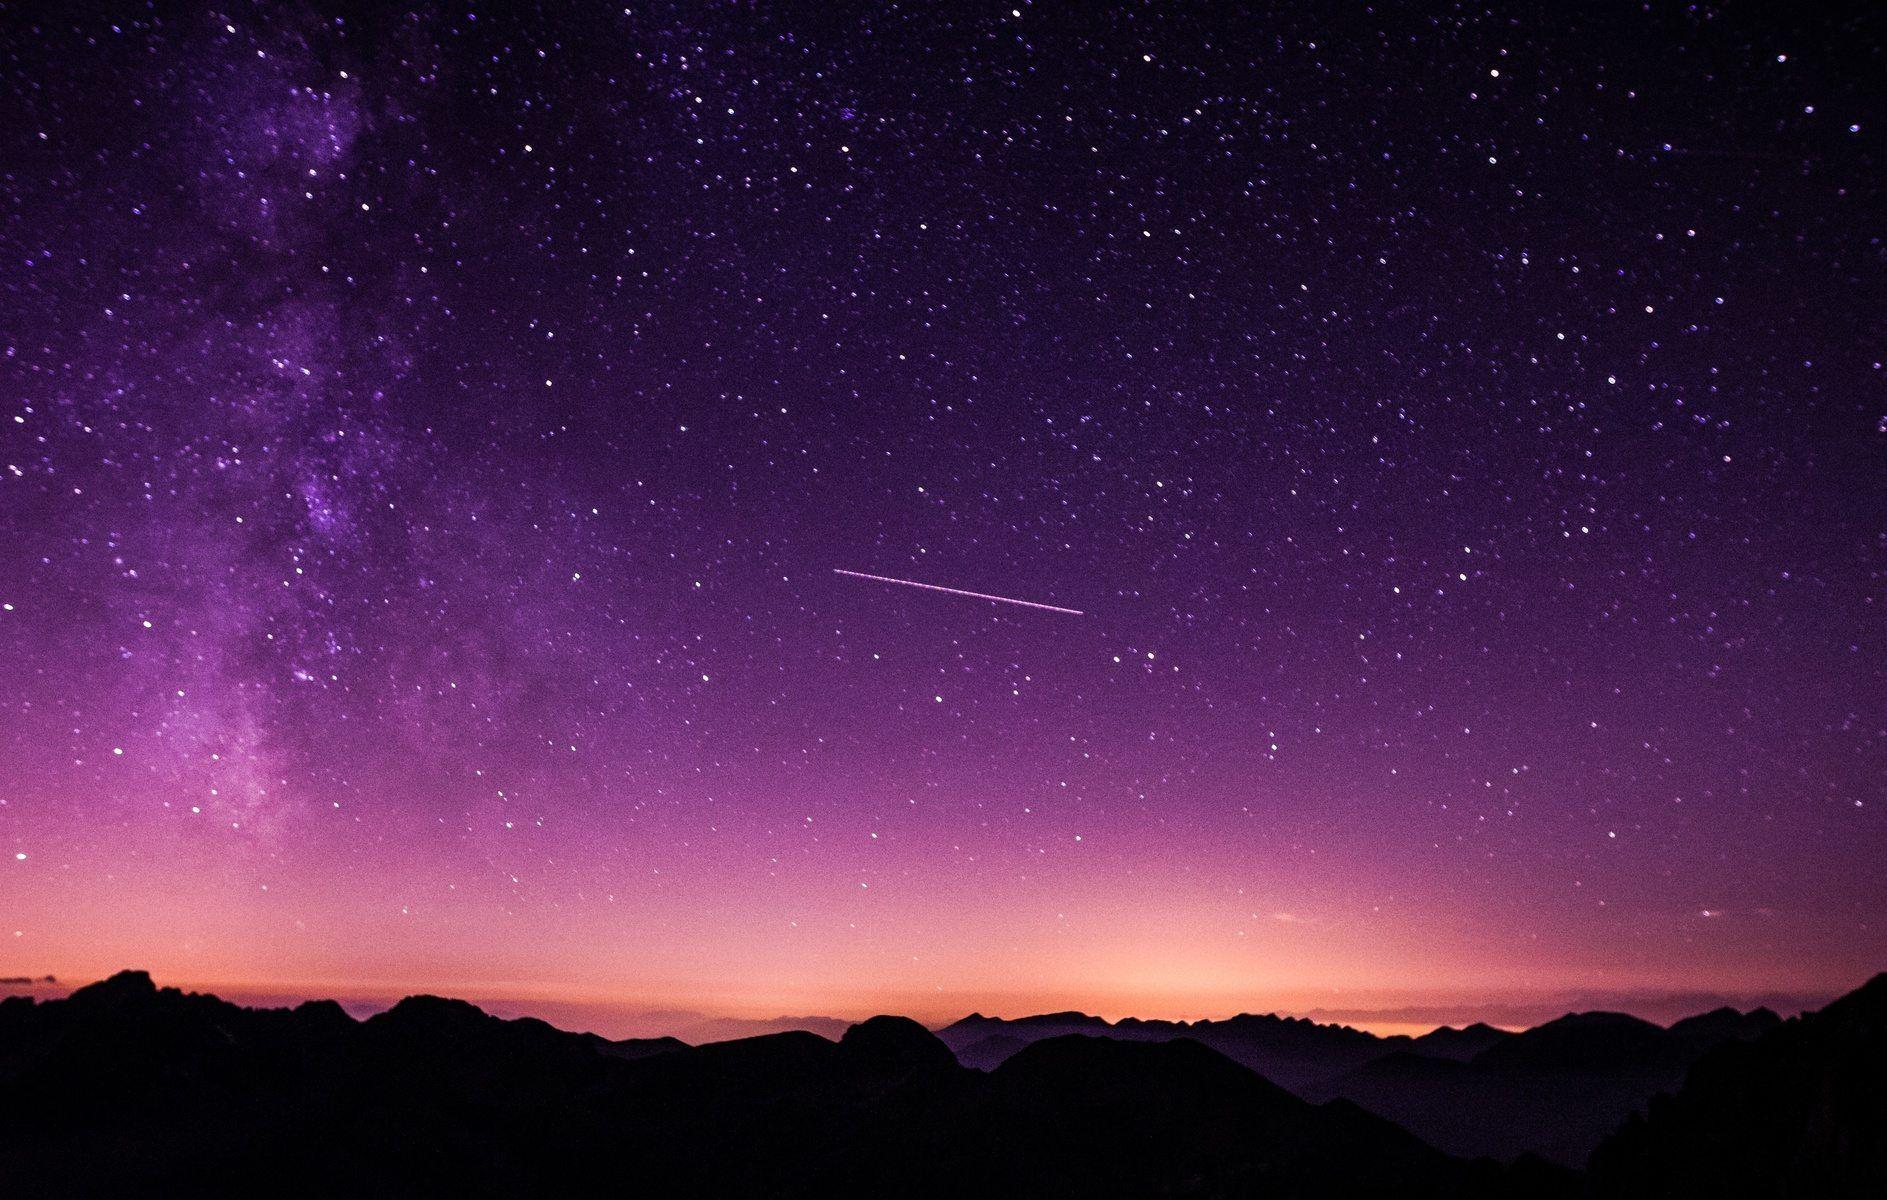 Овнов ждут выгодные сделки, а Водолеи смогут осуществить старые замыслы: гороскоп на завтра для знаков зодиака